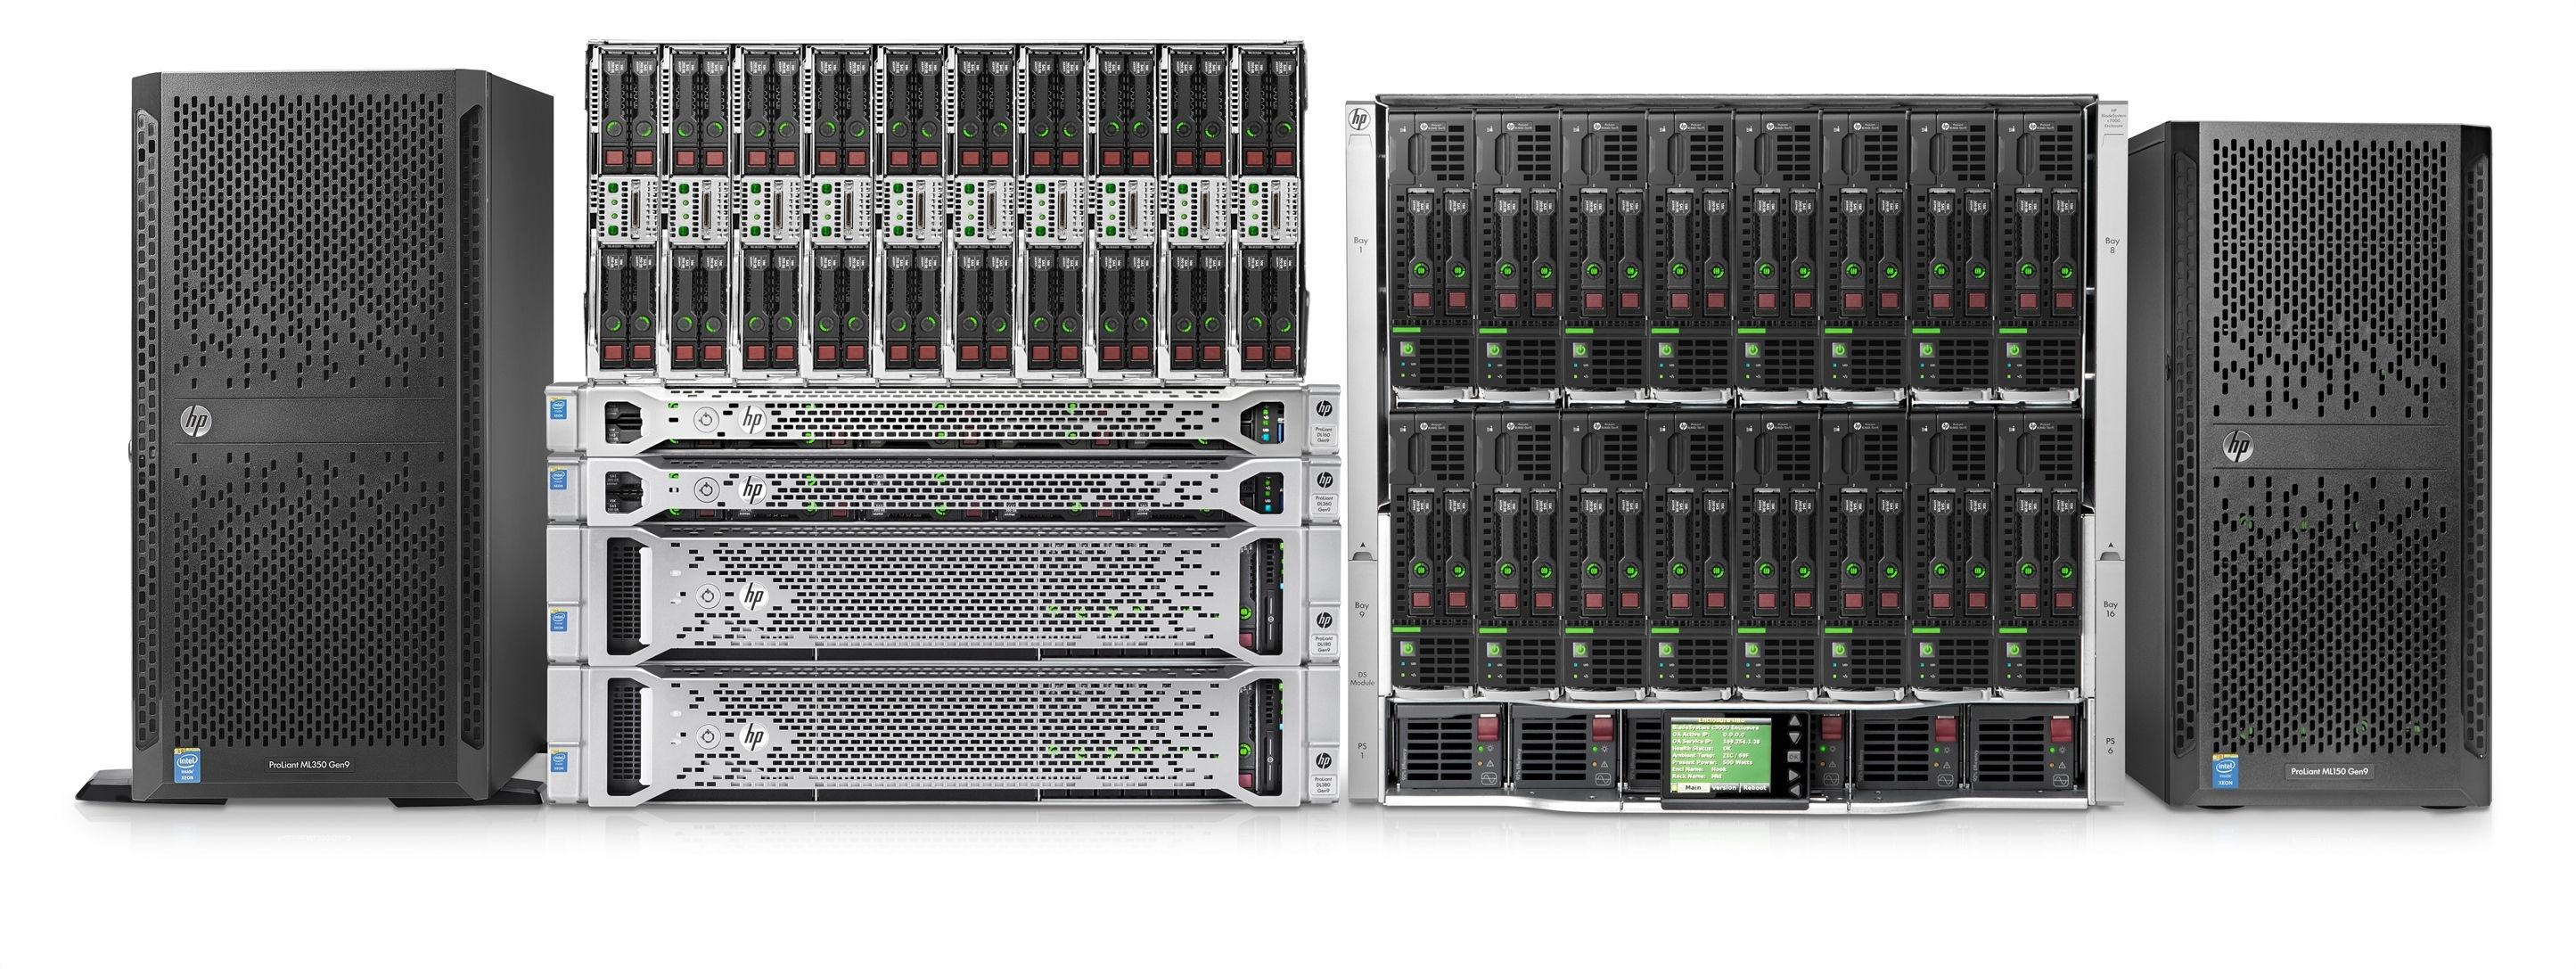 Best server hosting uk